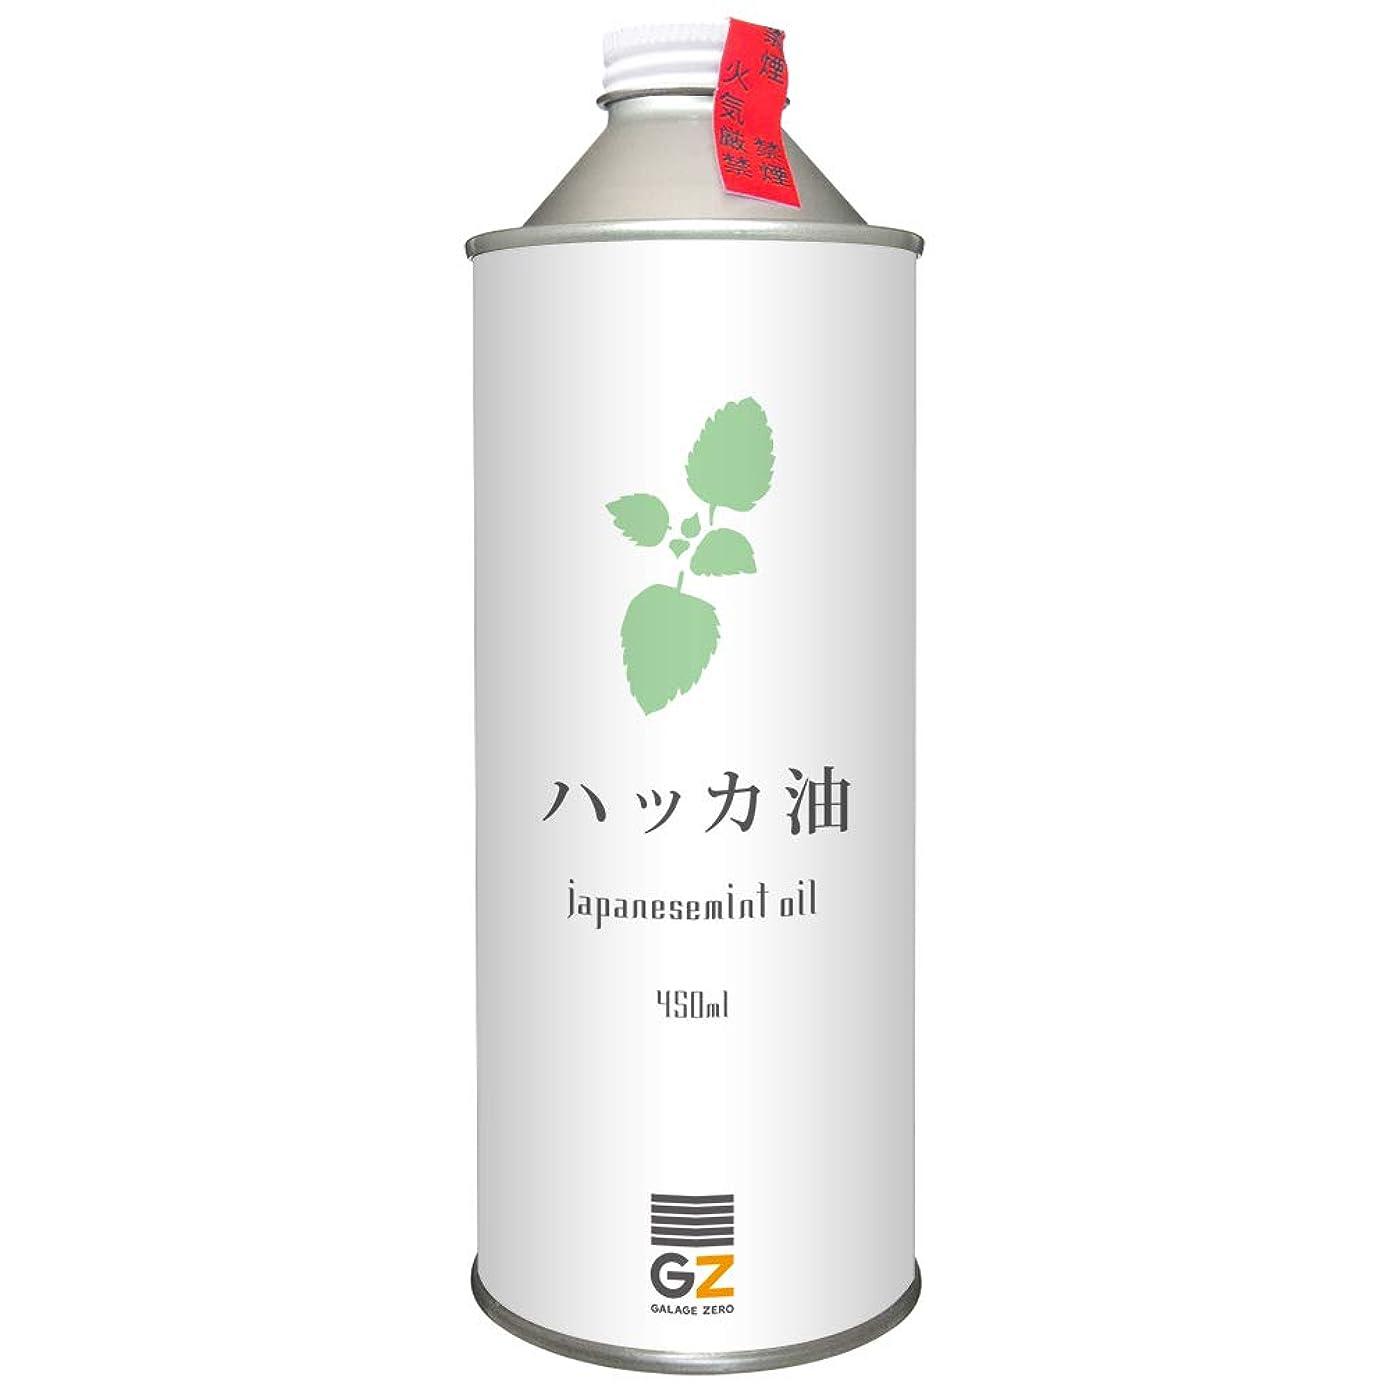 勇気一般的に言えばセンブランスガレージゼロ ハッカ油 (450ml)